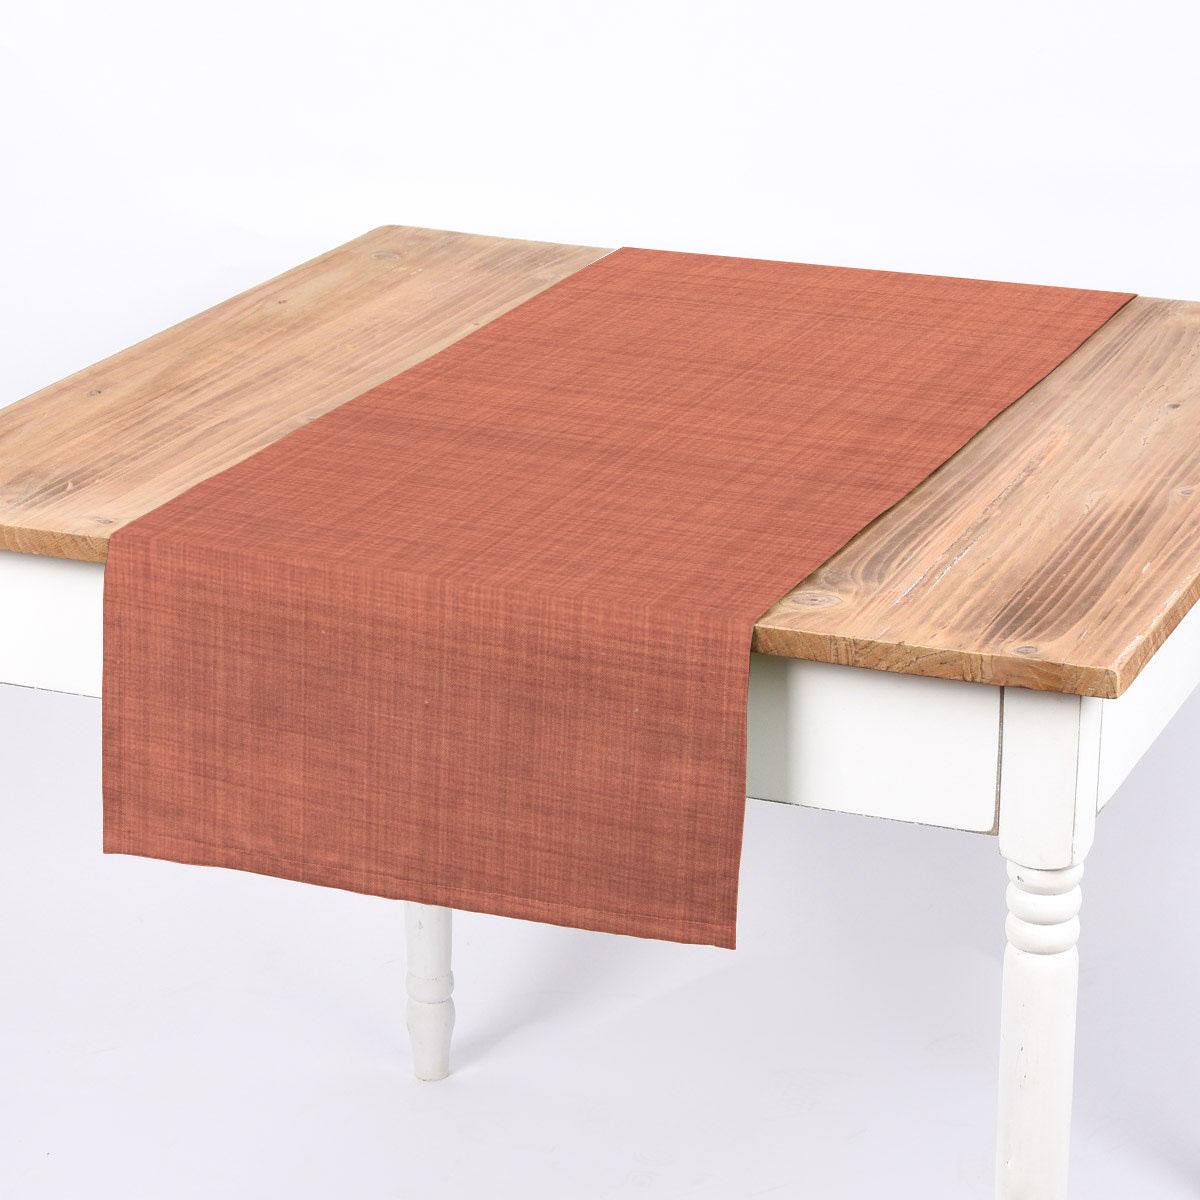 SCHÖNER LEBEN. Tischläufer uni terracotta meliert 40x160cm